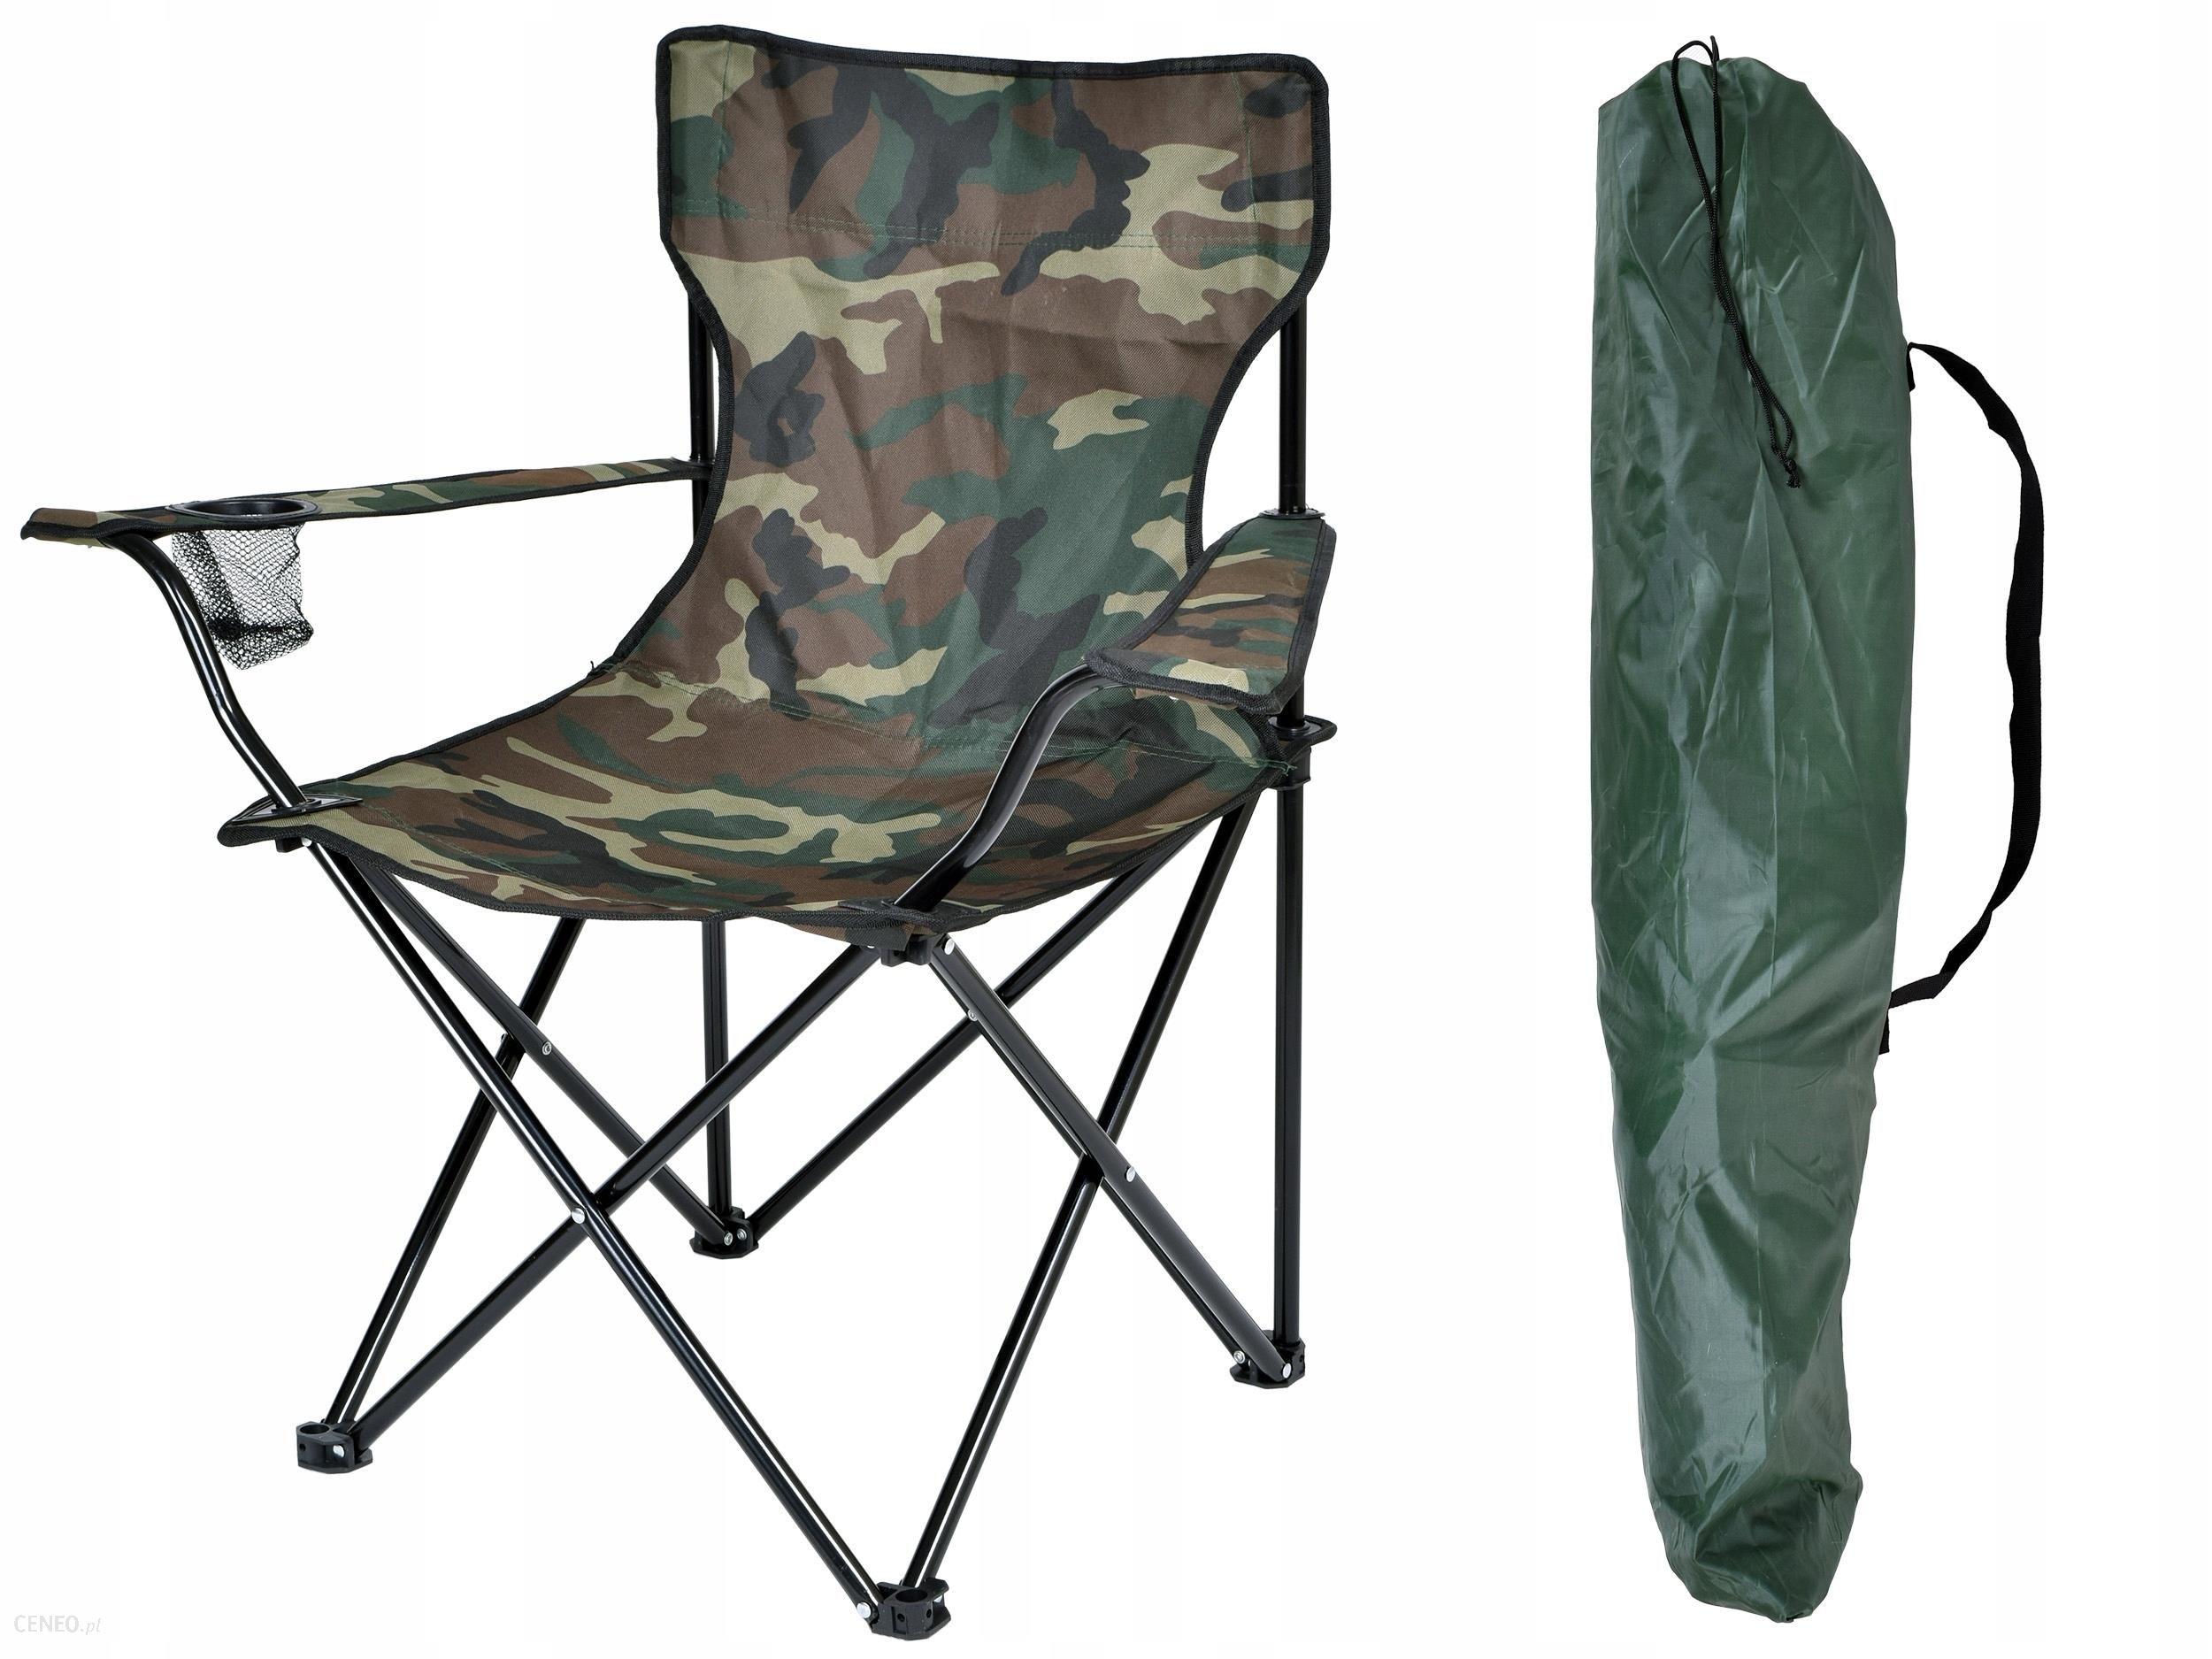 Krzesło Wędkarskie Turystyczne Składane Rybackie